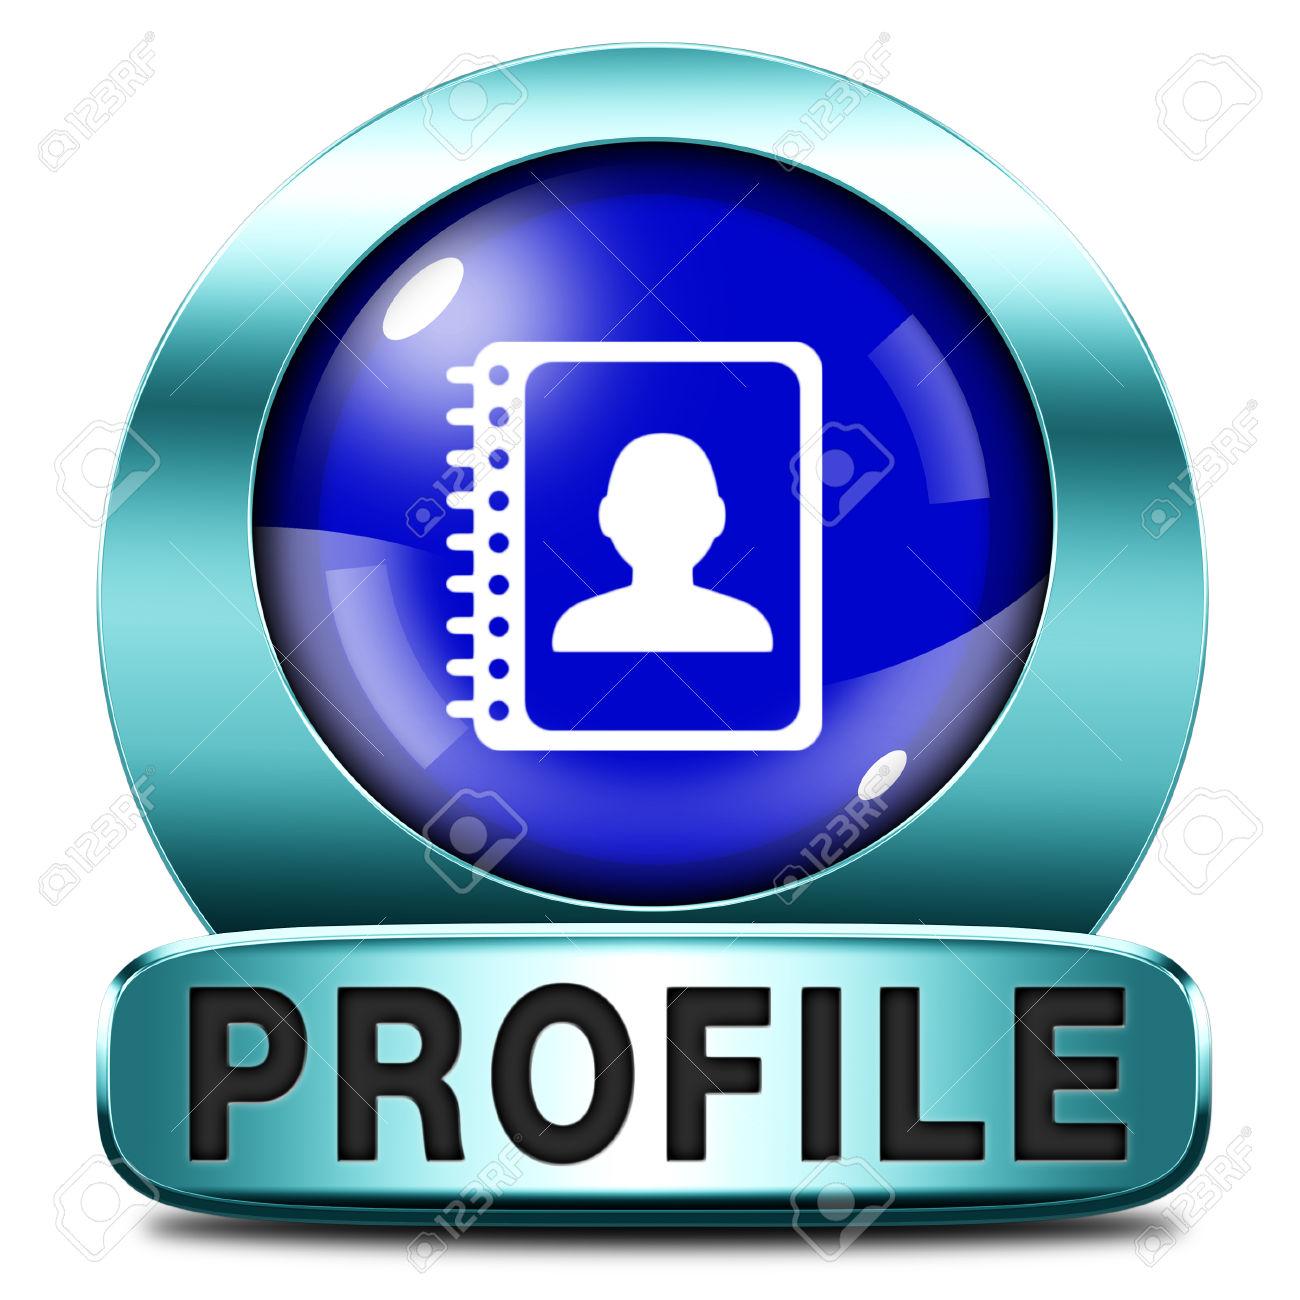 Profile clipart personal profile #7